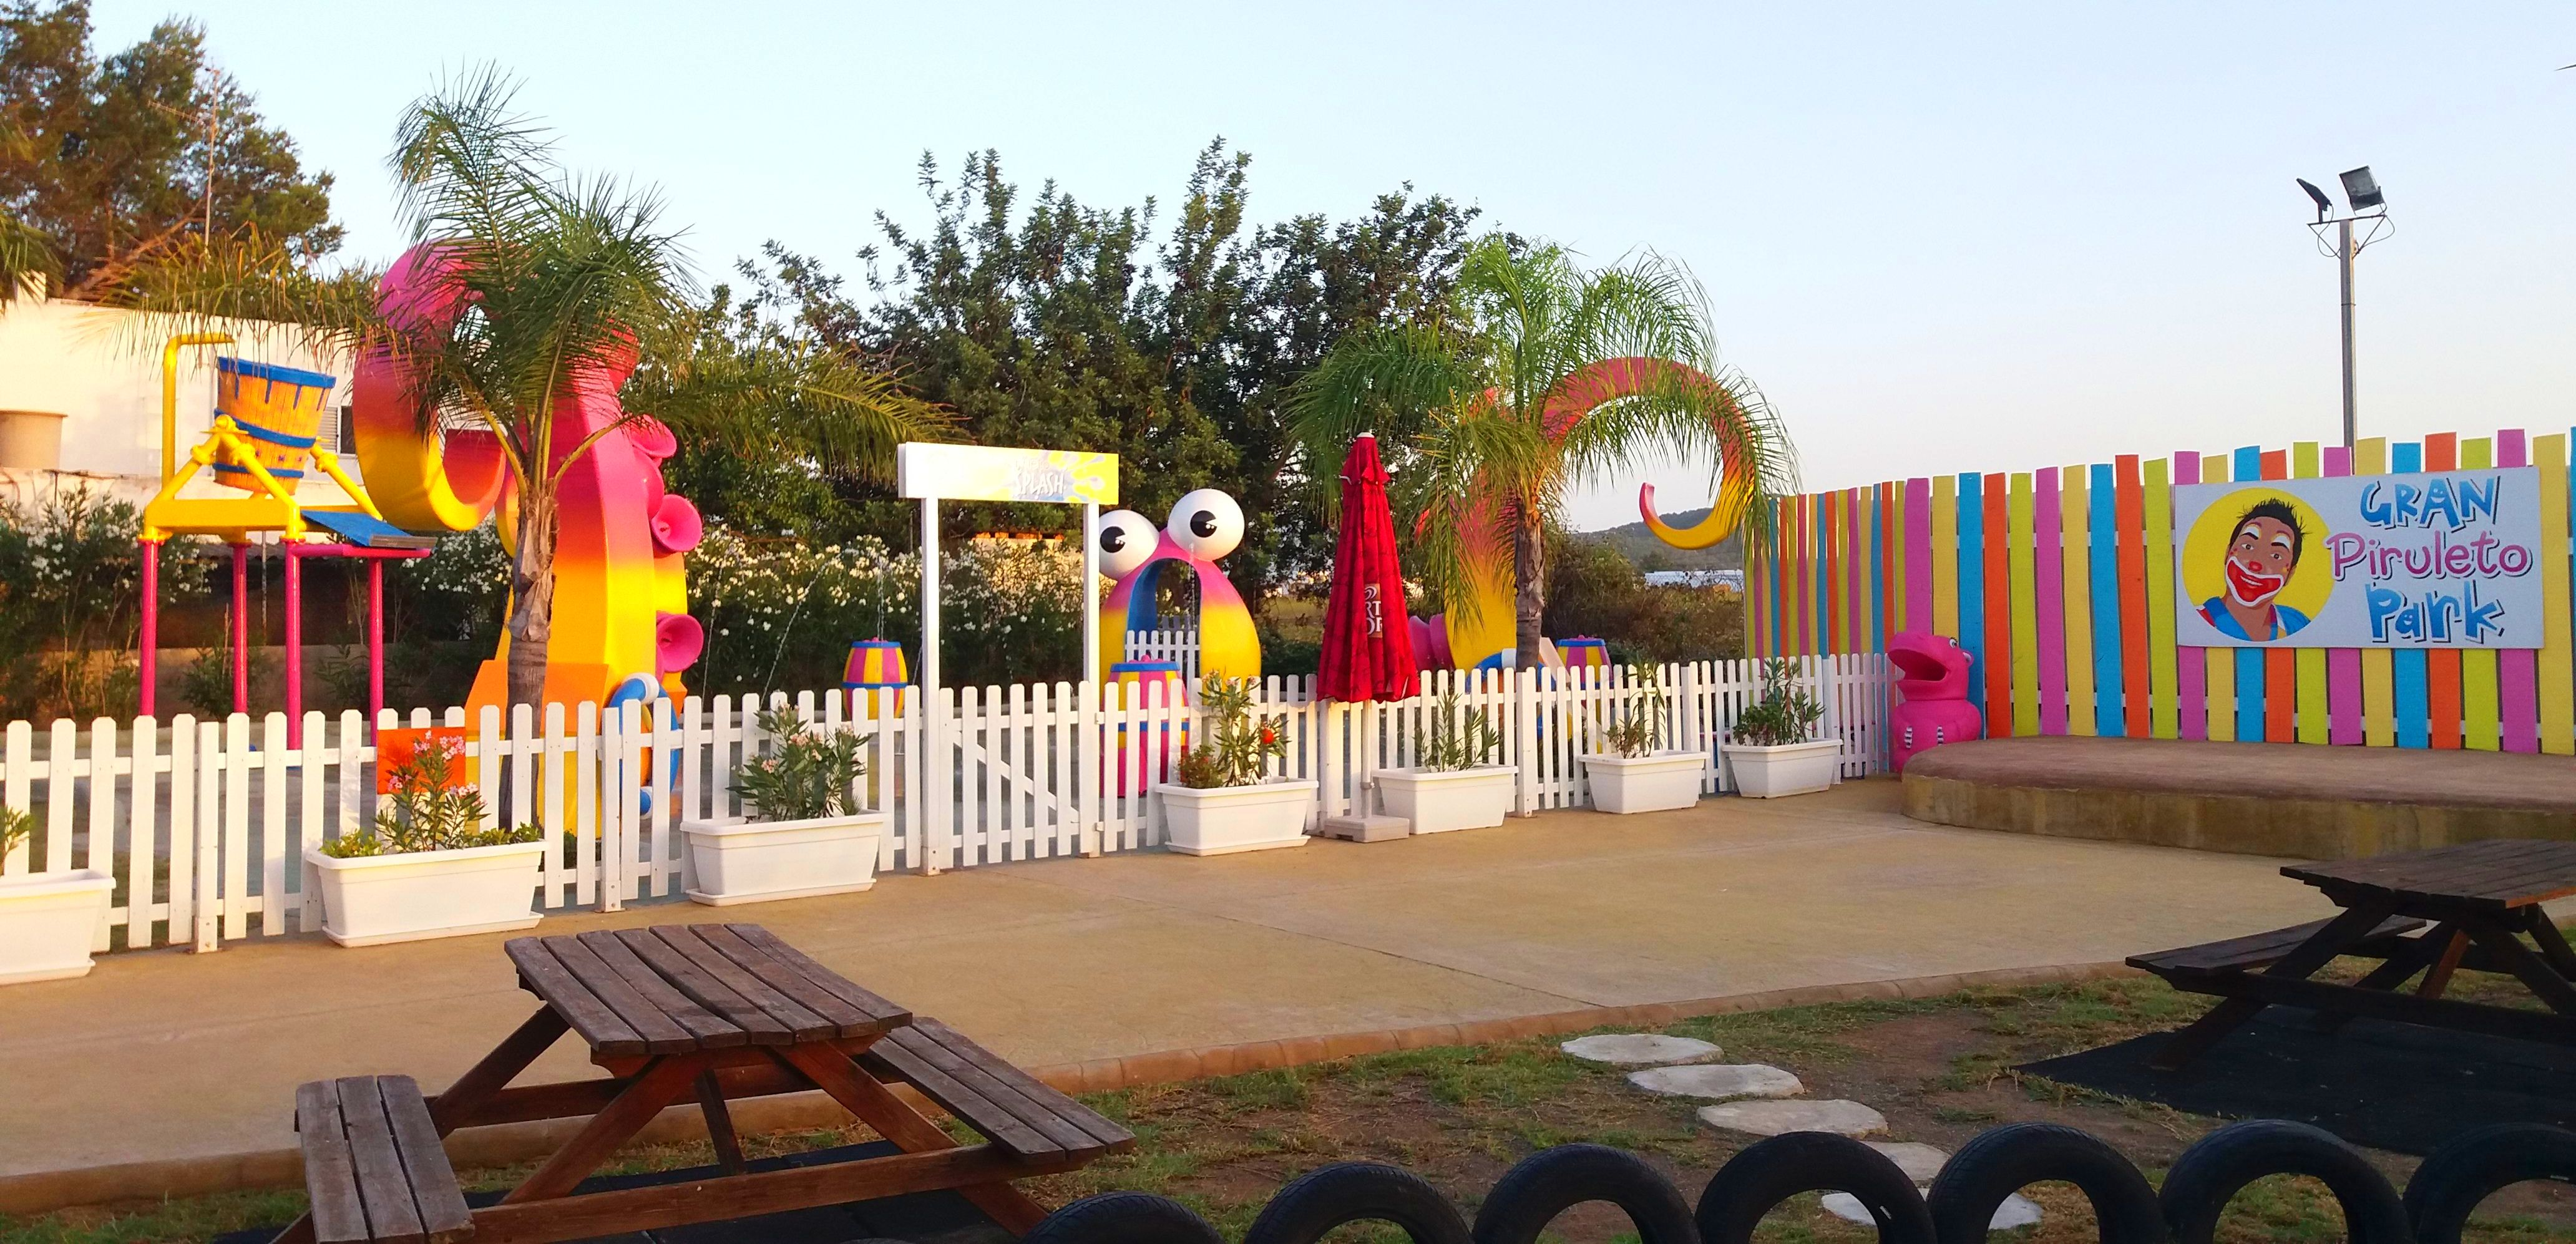 Foto 42 de Parque temático infantil en Ibiza en Platja d'En Bossa | Gran Piruleto Park